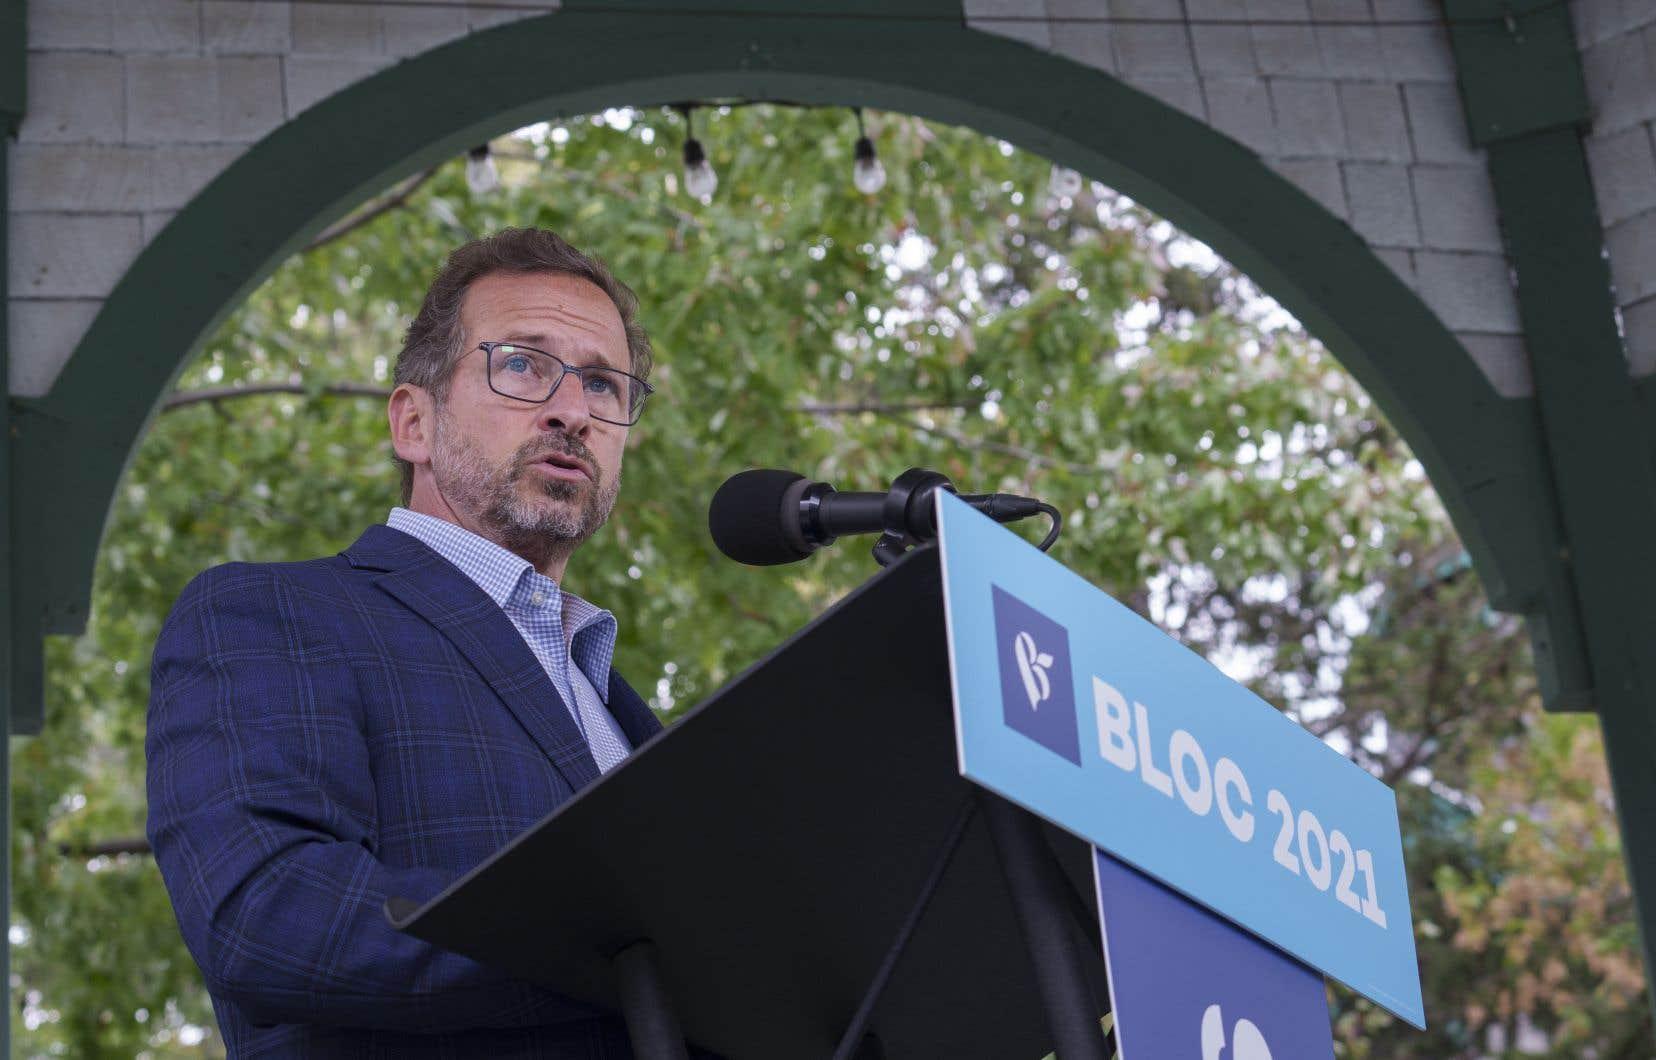 Préoccupé par le risque d'un faible taux de participation au scrutin de lundi, le chef bloquiste Yves-François Blanchet a appelé ses militants à convaincre les électeurs d'aller voter.